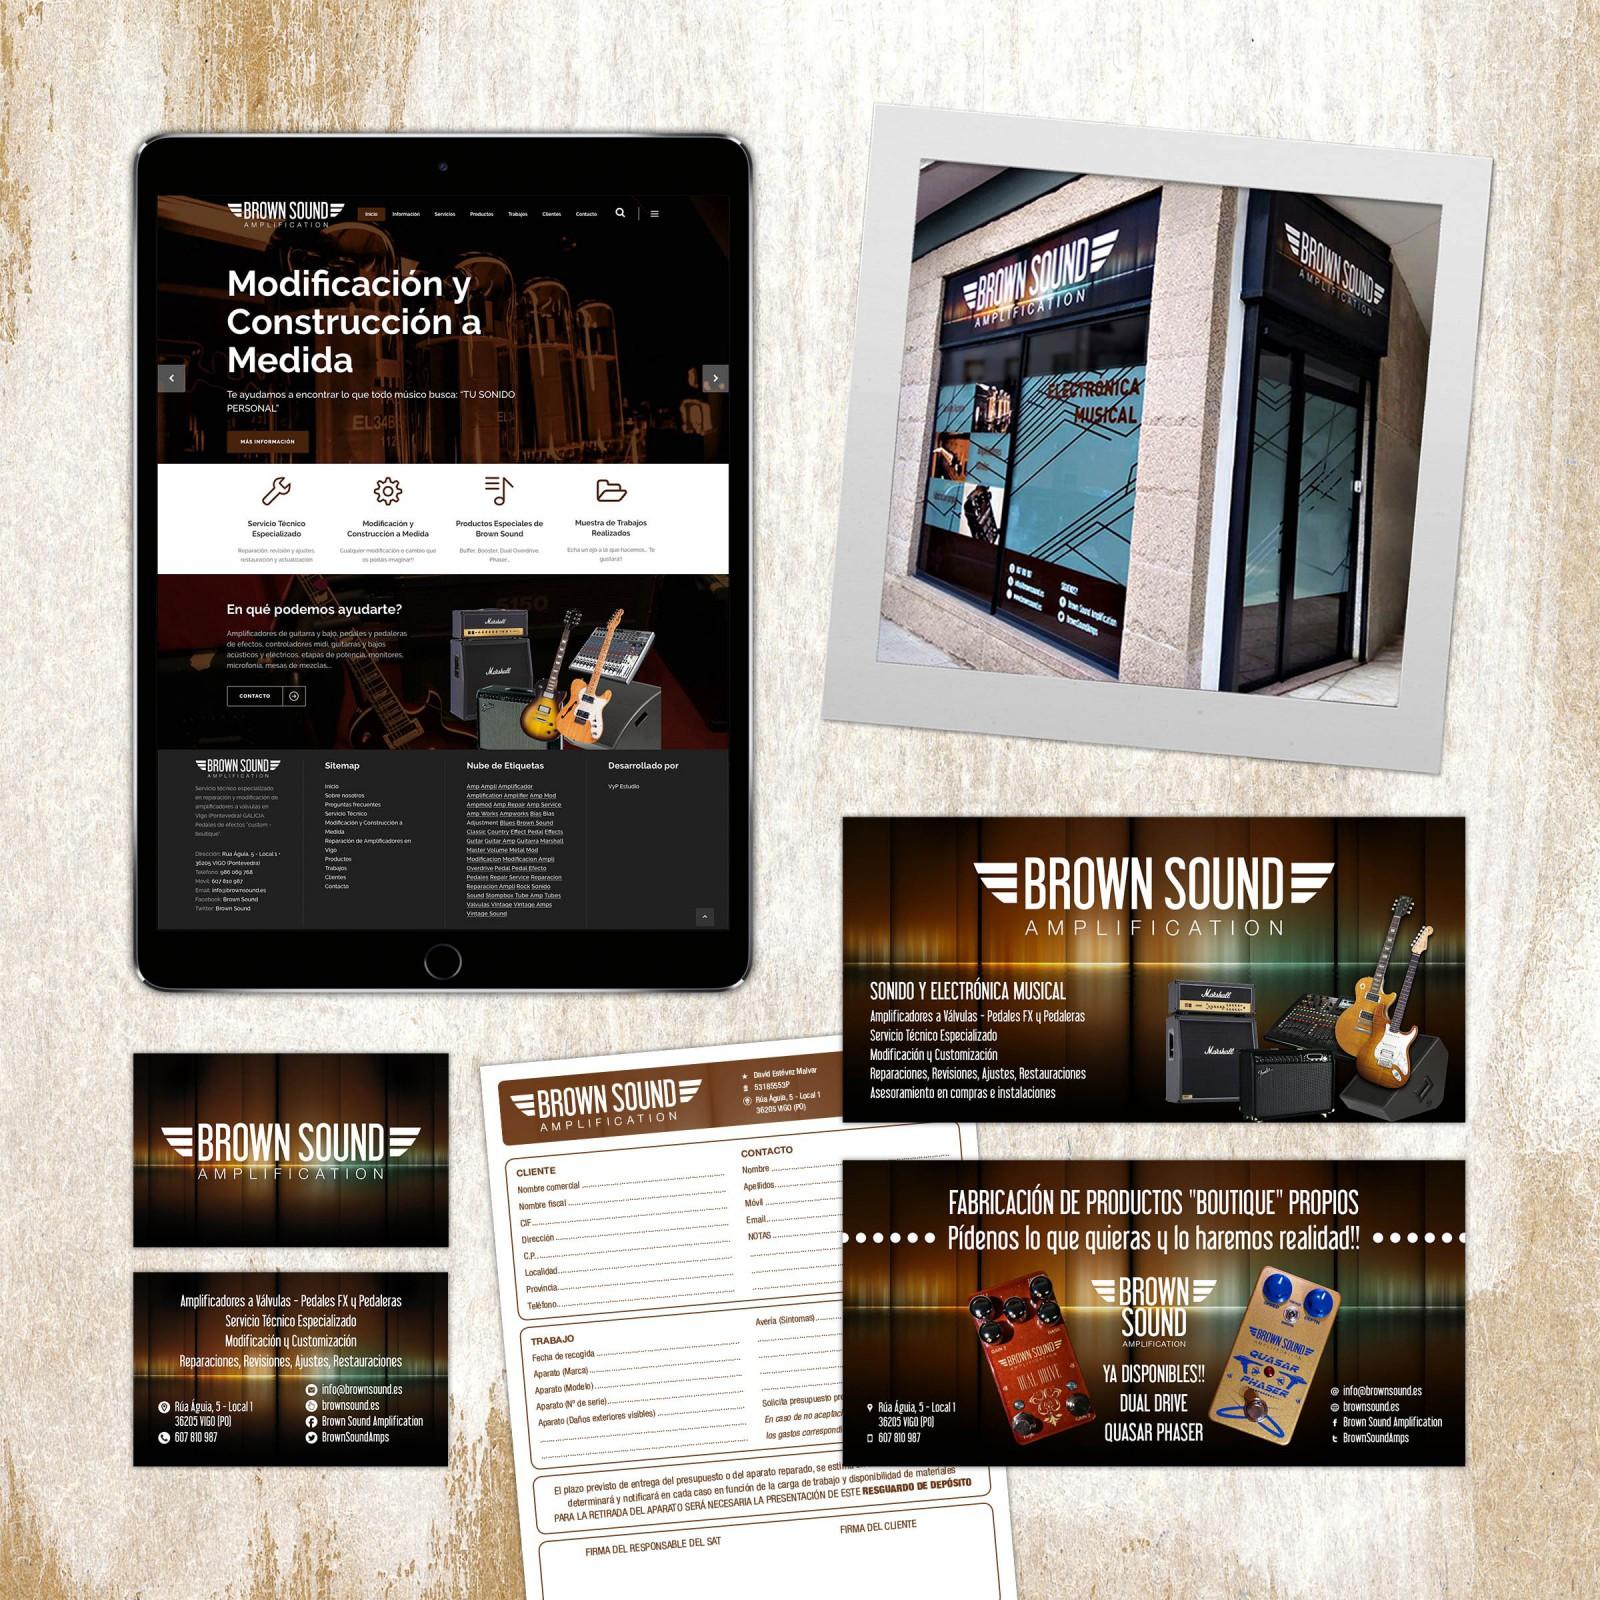 Brown Sound Diseño Publicidad Marketing Web Dominio Hosting Redes Sociales